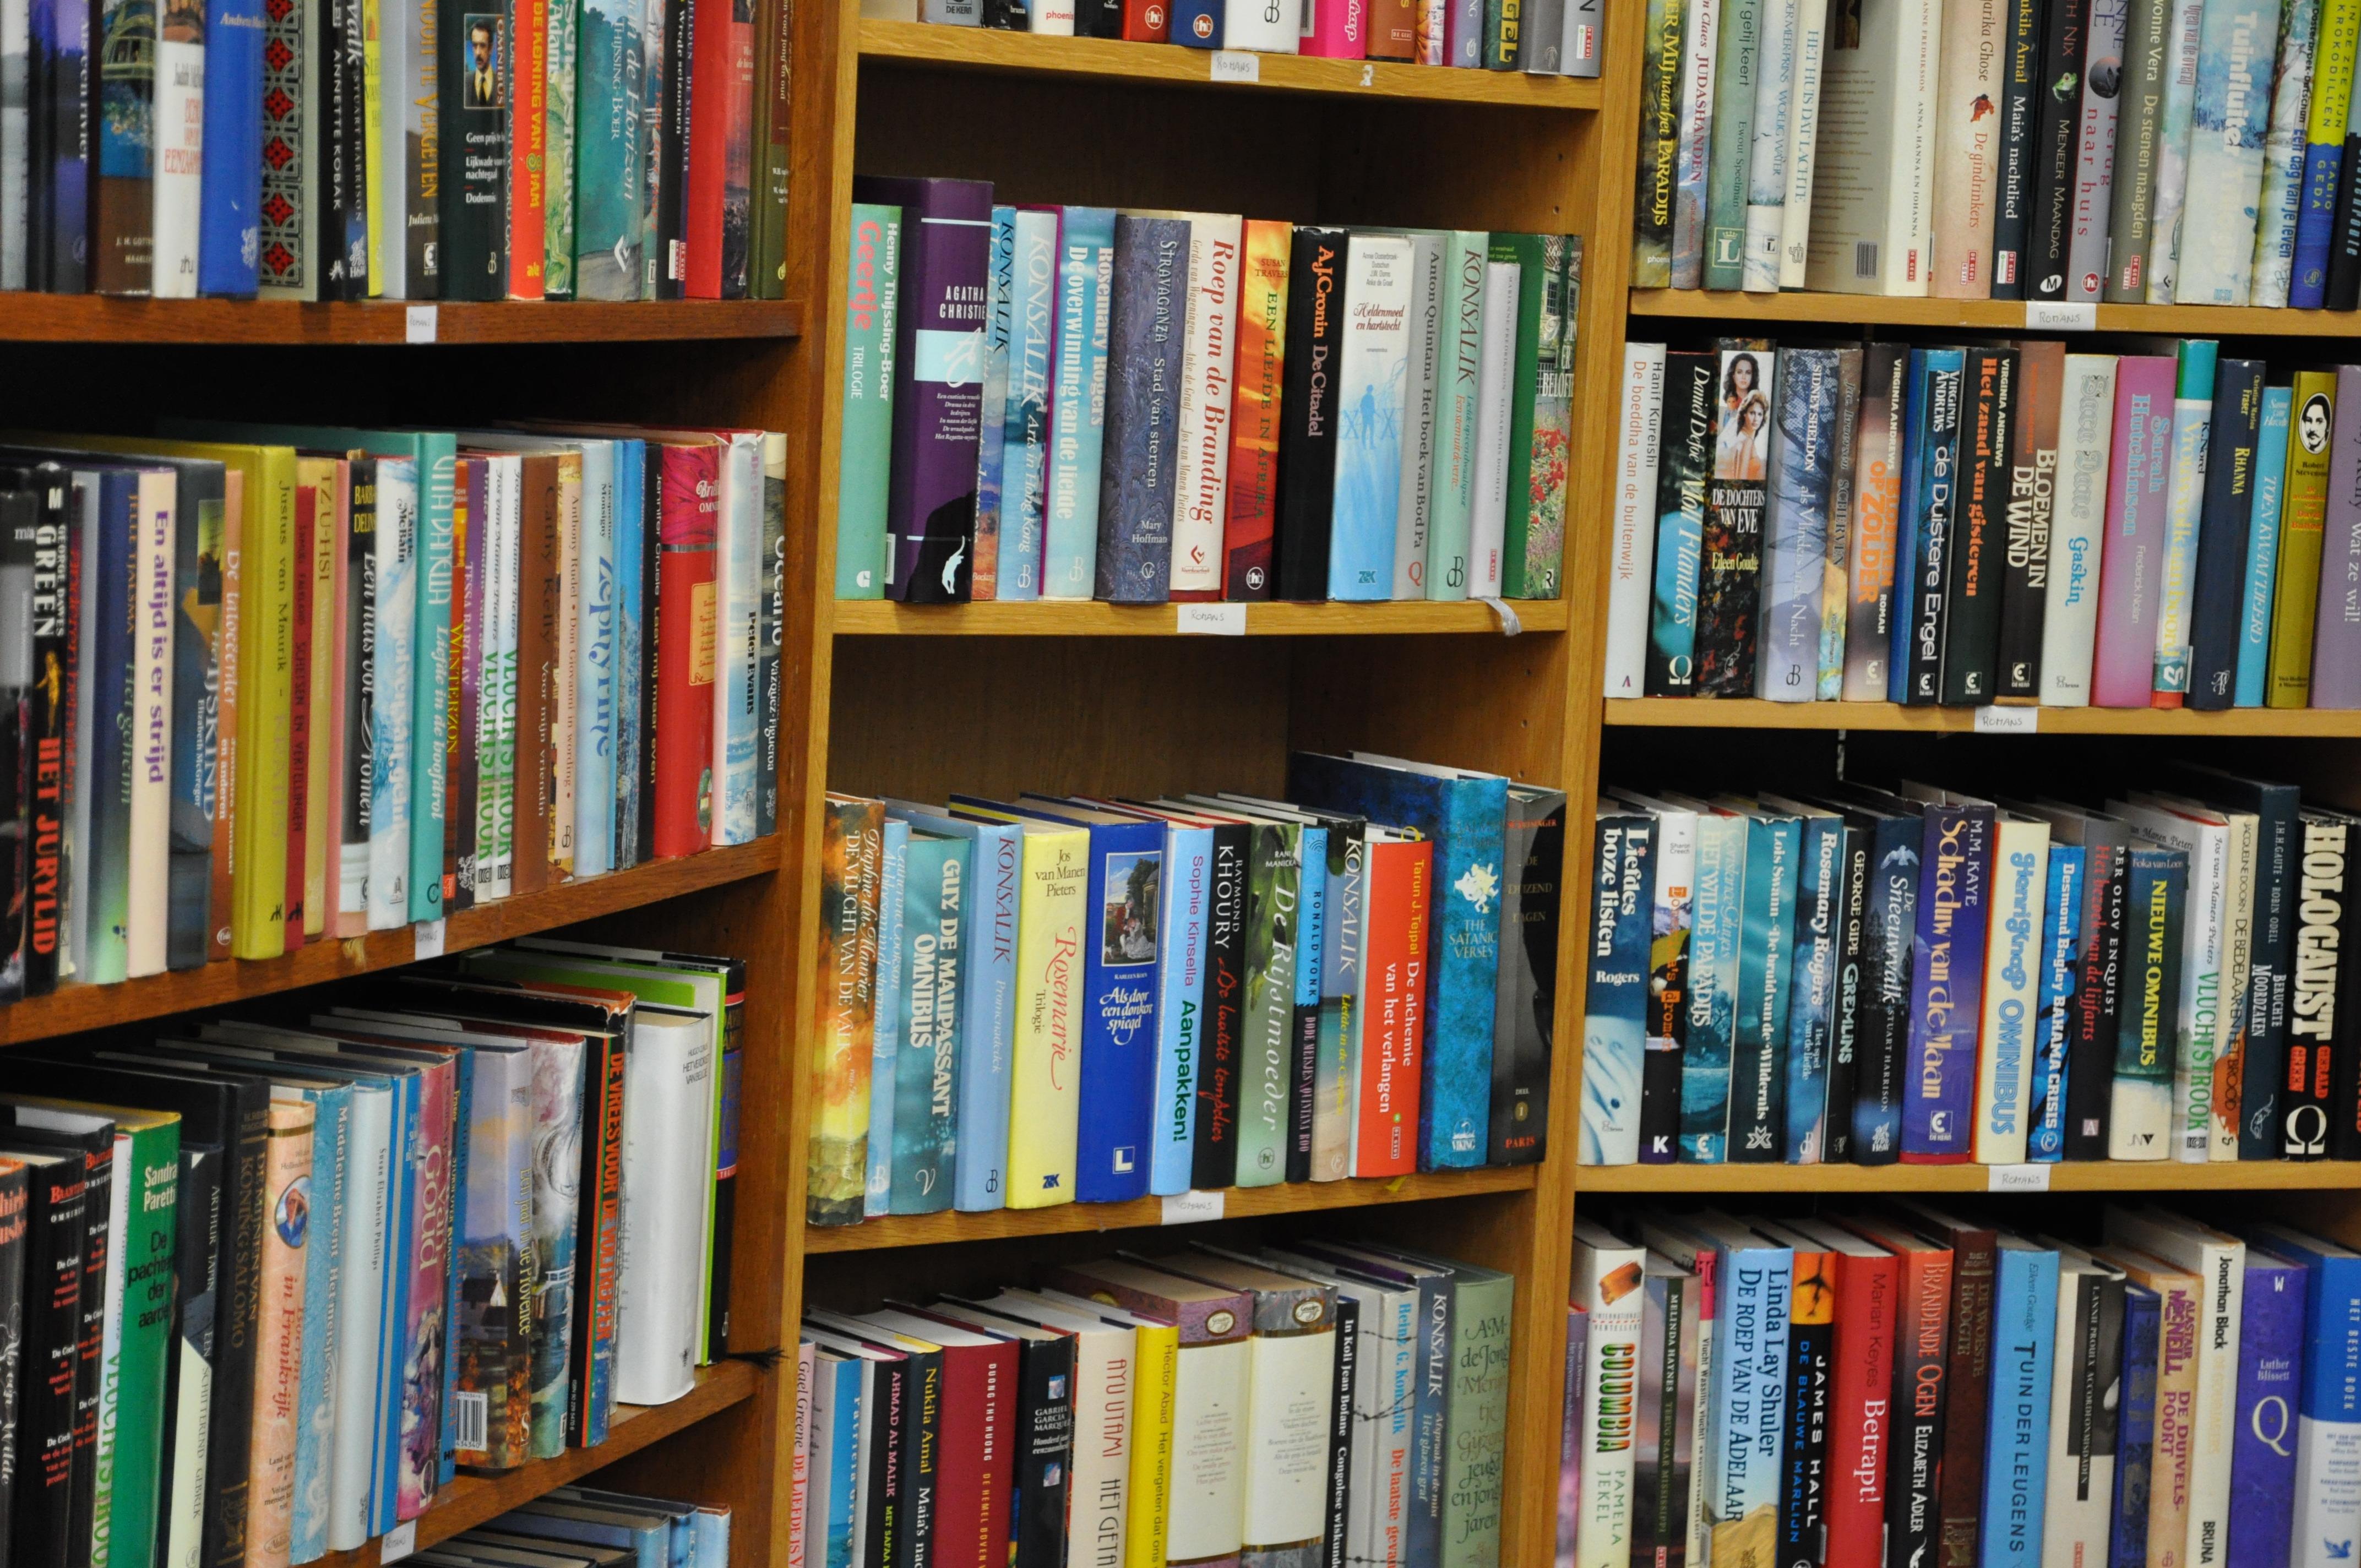 Citaten In Boeken : File boeken kringloop woerden g wikimedia commons